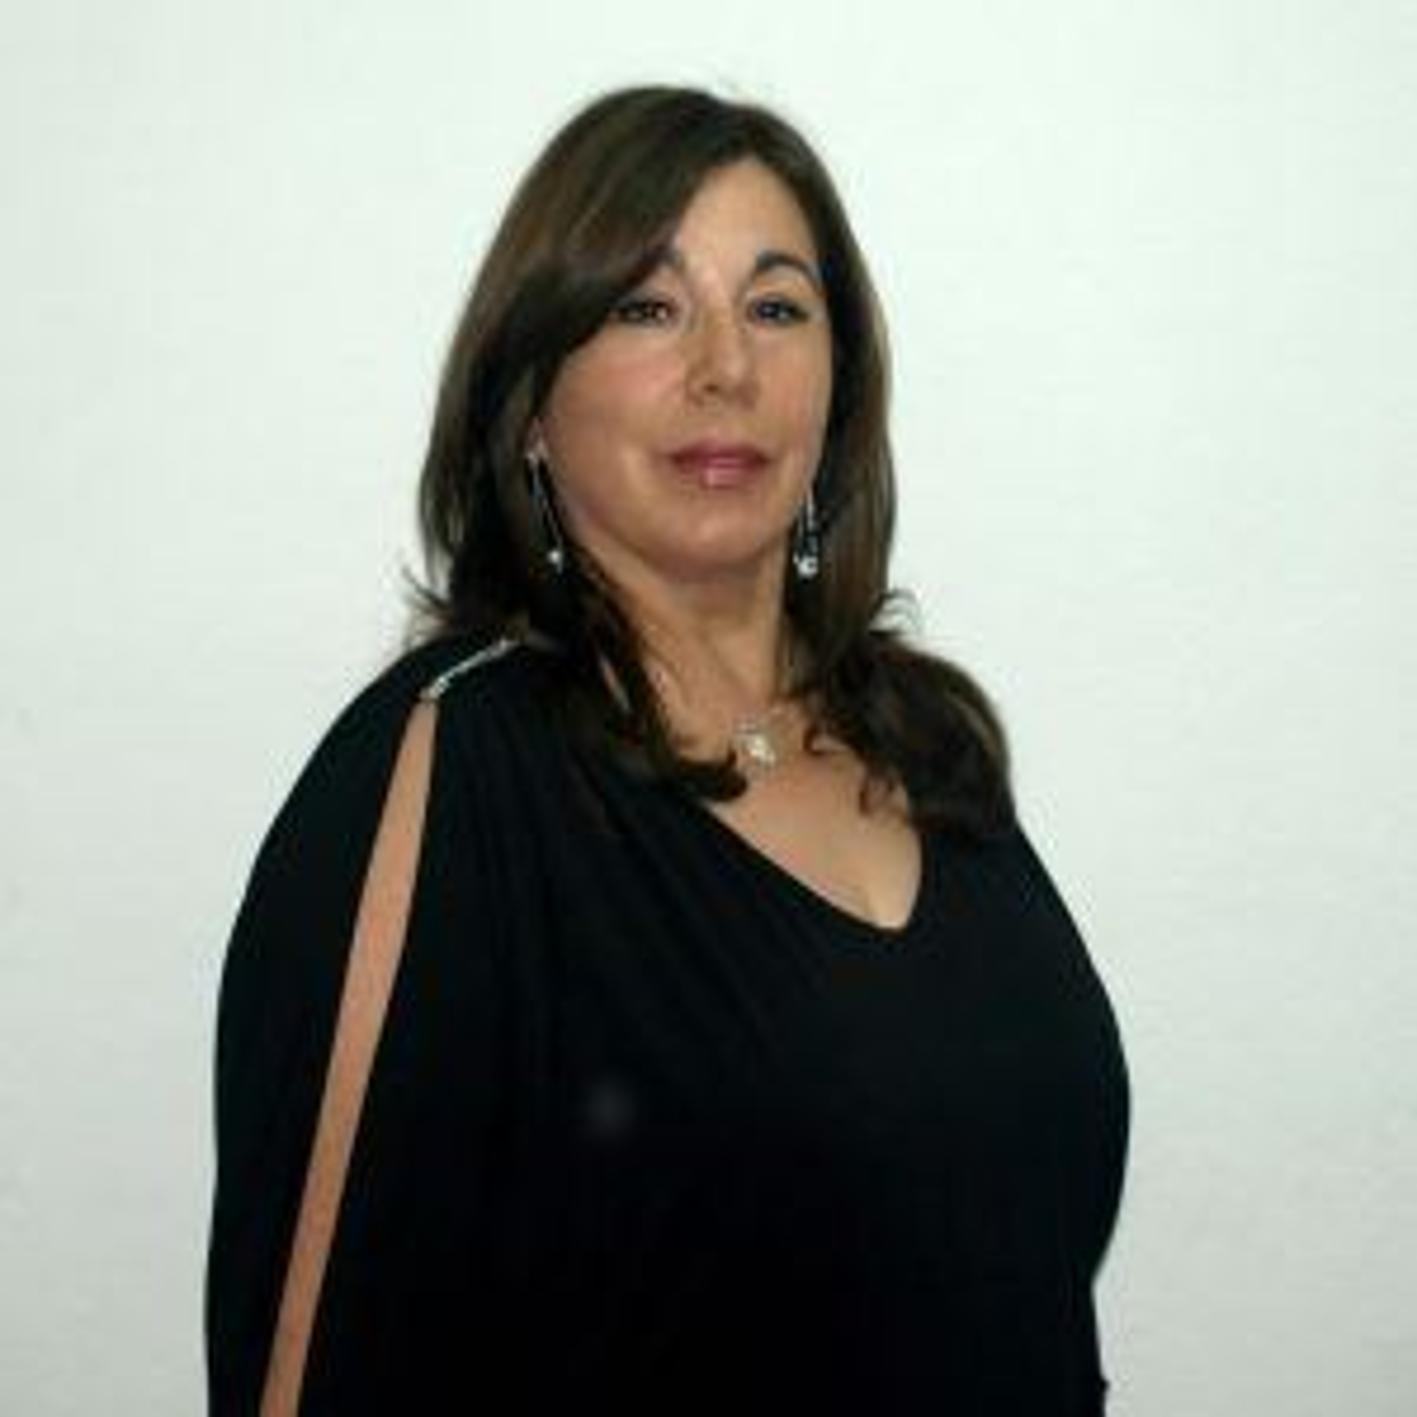 Ana María Díaz Mena